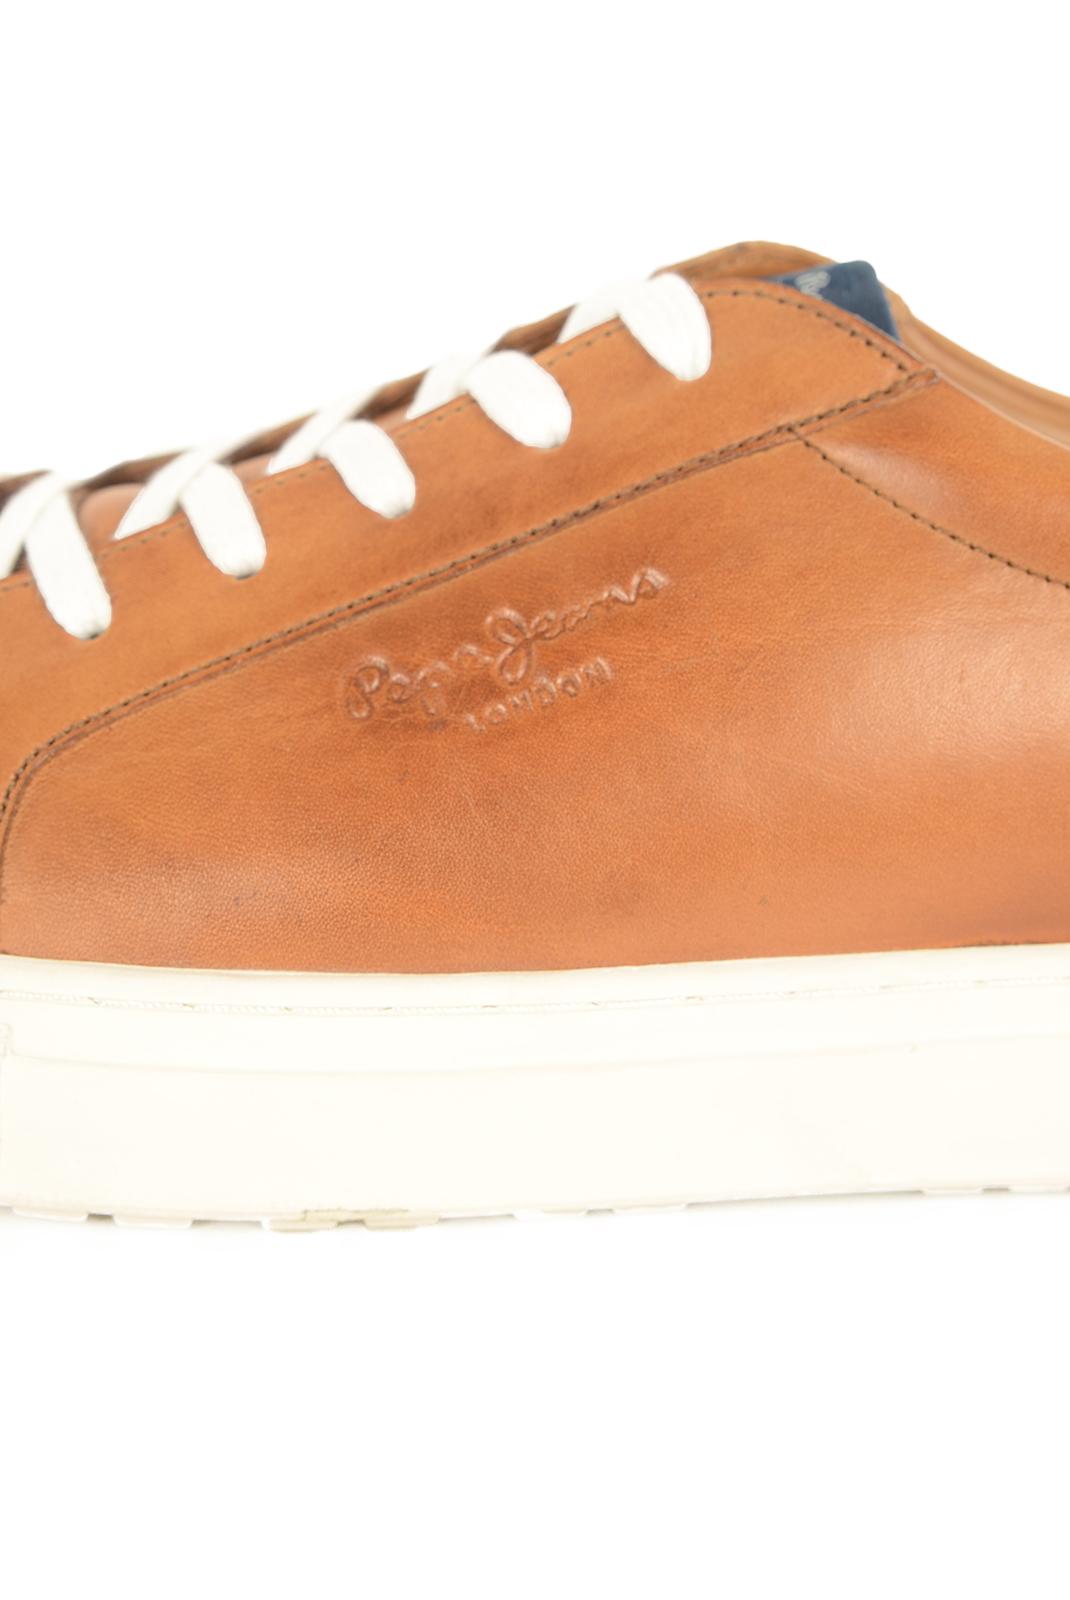 Chaussures de ville  Pepe jeans PMS30323 NORWICH LOW 859 TOBACCO